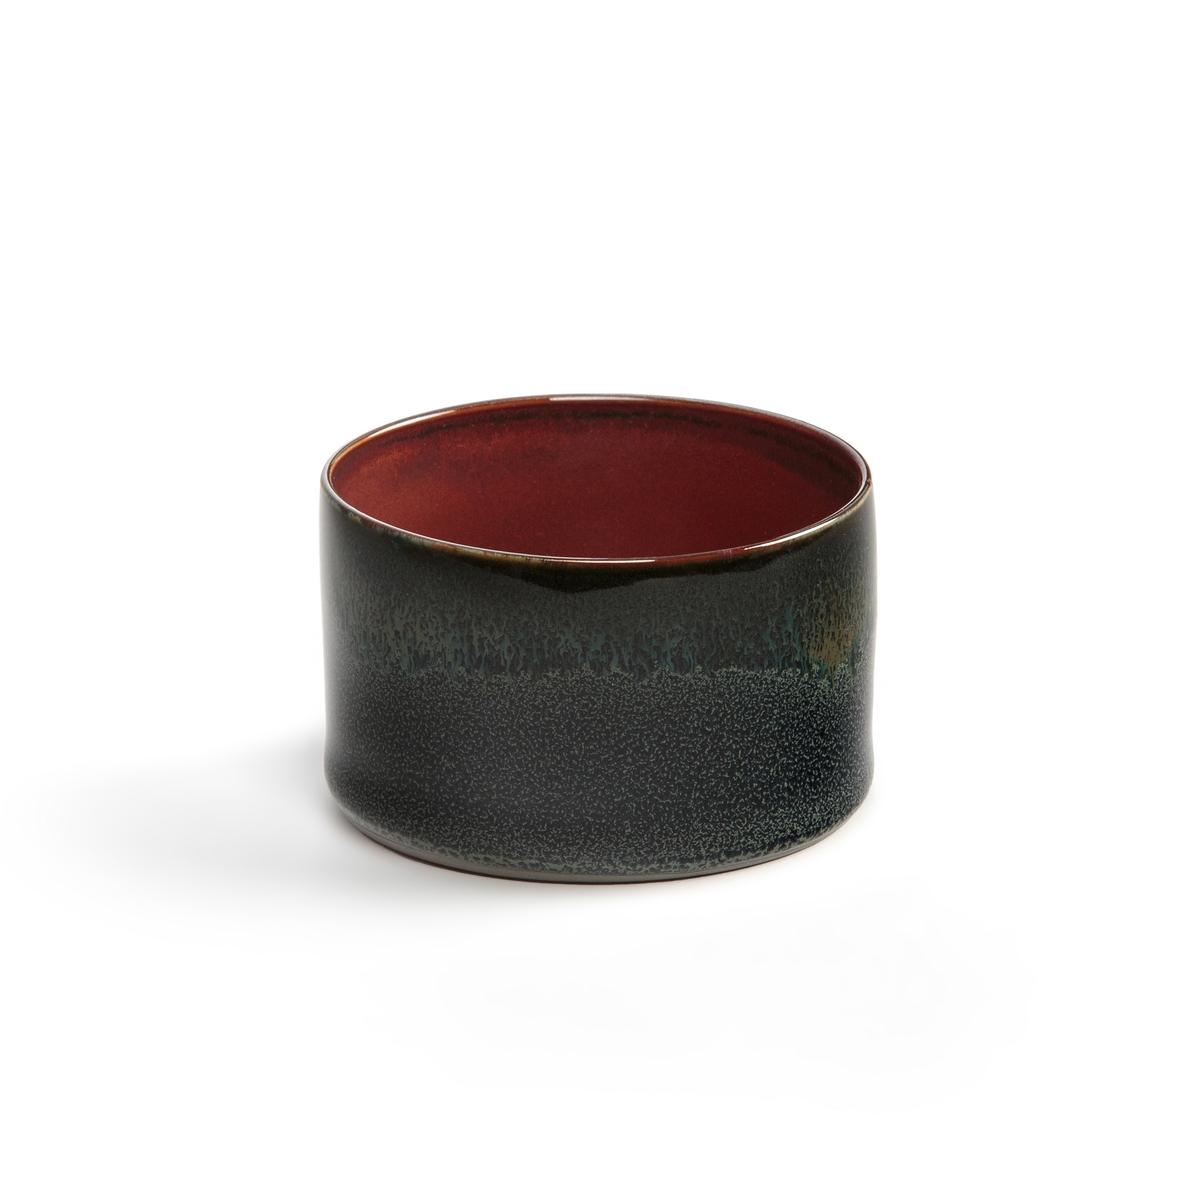 4 стакана из керамики Terre de r?ves design Serax4 стаканчика для кафе по дизайну Anita Le Grelle для Serax. Единой формы и цвета, каждое изделие имеет подпись дизайнера . Изысканность материалов и субтильность форм создают магическую обстановку, в которую погружаются ваши гости, словно в сон.Характеристики : - Из керамики, покрытой глазурью- Можно использовать в посудомоечных машинах и микроволновых печах- Продаюся комплектом одного цвета : полуночно-синий, насыщенный красный или загадочный серый Размеры : - ?7,5 x H5 см<br><br>Цвет: серый,темно-красный,темно-синий